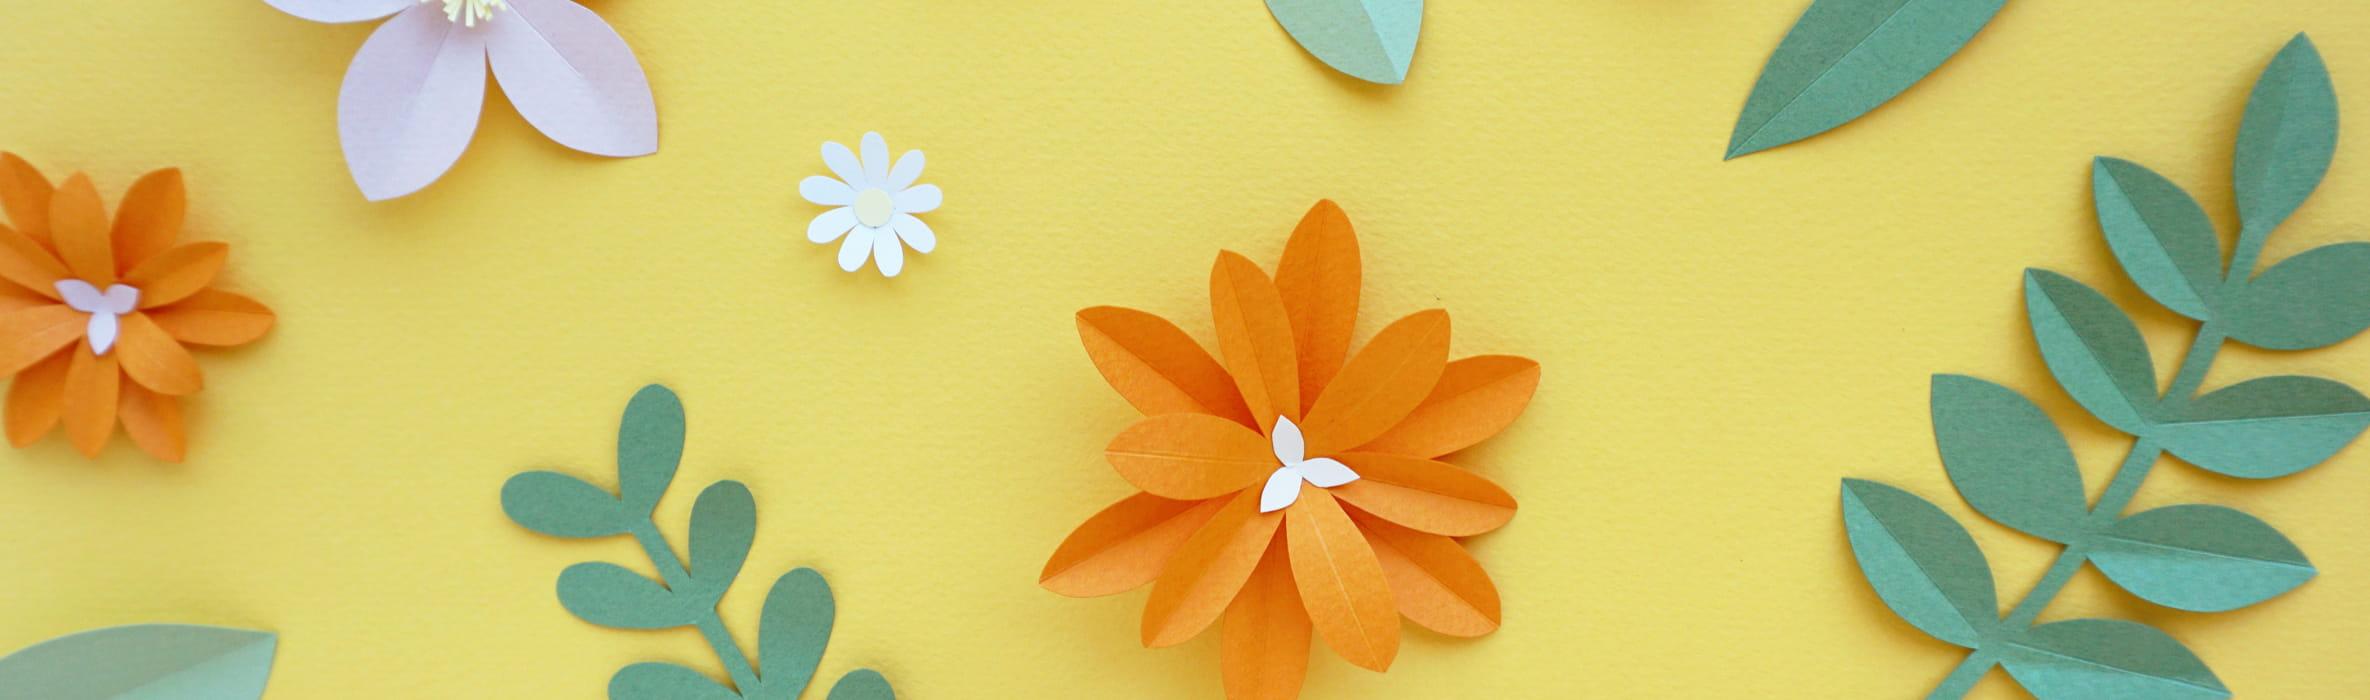 Uit papier gesneden planten, gele achtergrond